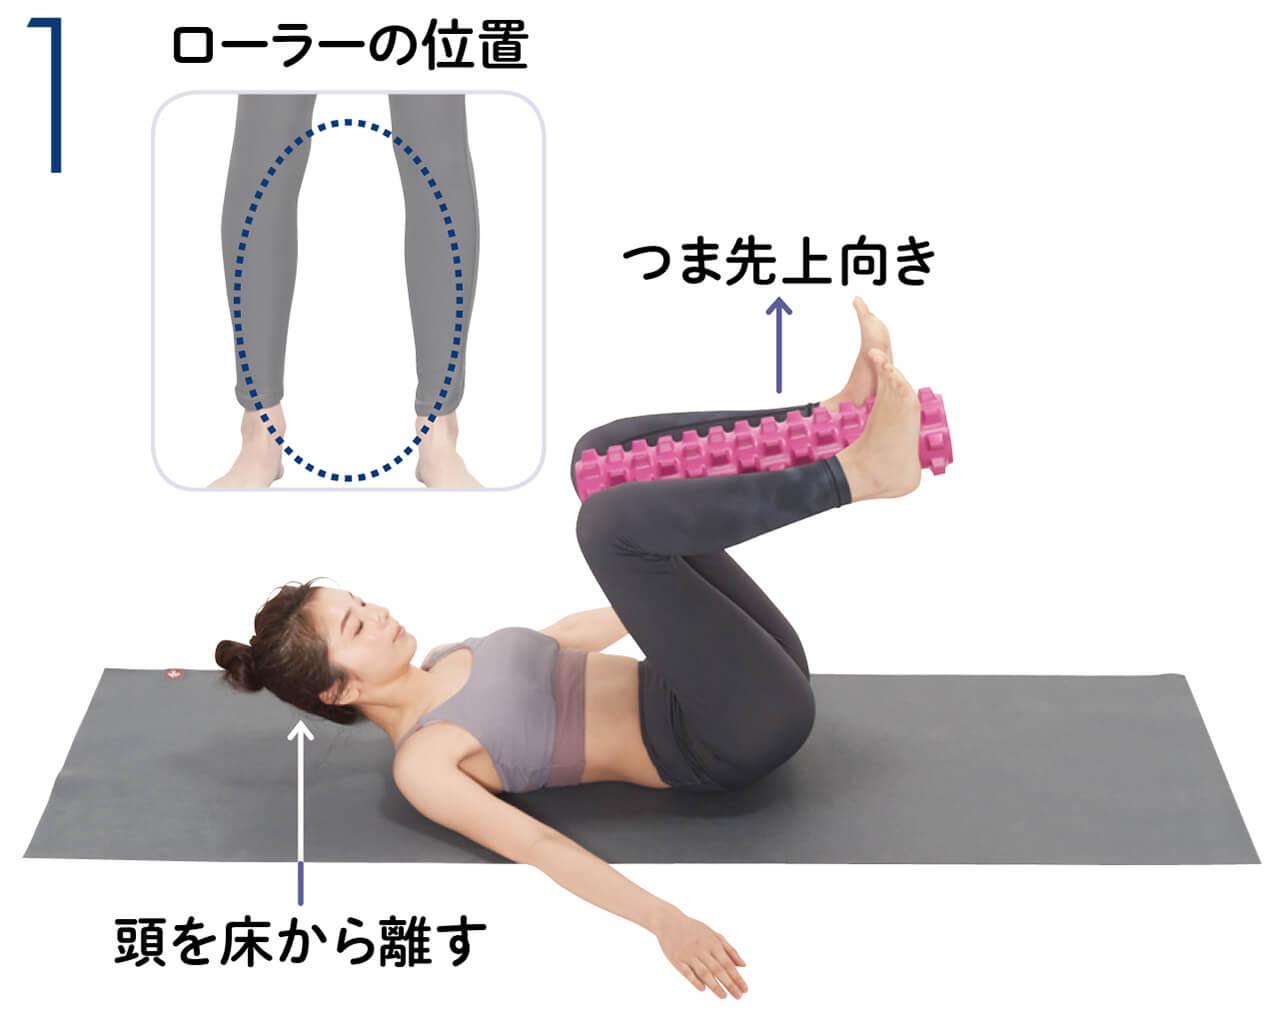 あお向けに寝て、両ひざでローラーを縦にはさむ(キャンディローラーの場合は、ひざではさむ)。つま先は天井に向け、頭を起こして肩から上を床から浮かせ、背中を丸める。 ローラーの位置はふくらはぎ つま先上向き 頭を床から離す モデル/梅田瑠実さん